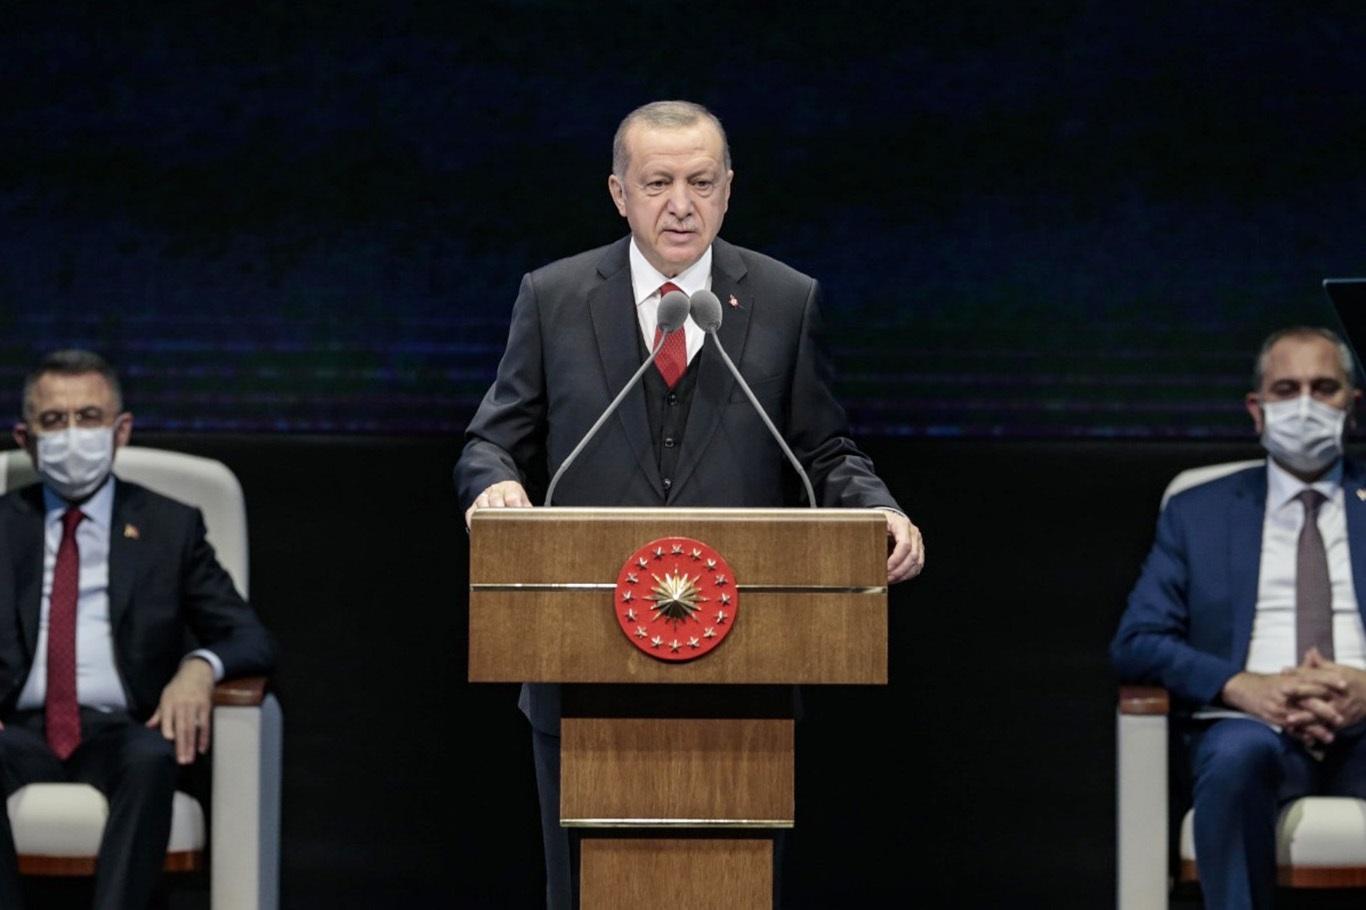 """Erdoğan: """"Türkiye, krizlere karşı daha etkin refleksler verebilme imkanına kavuştu"""""""